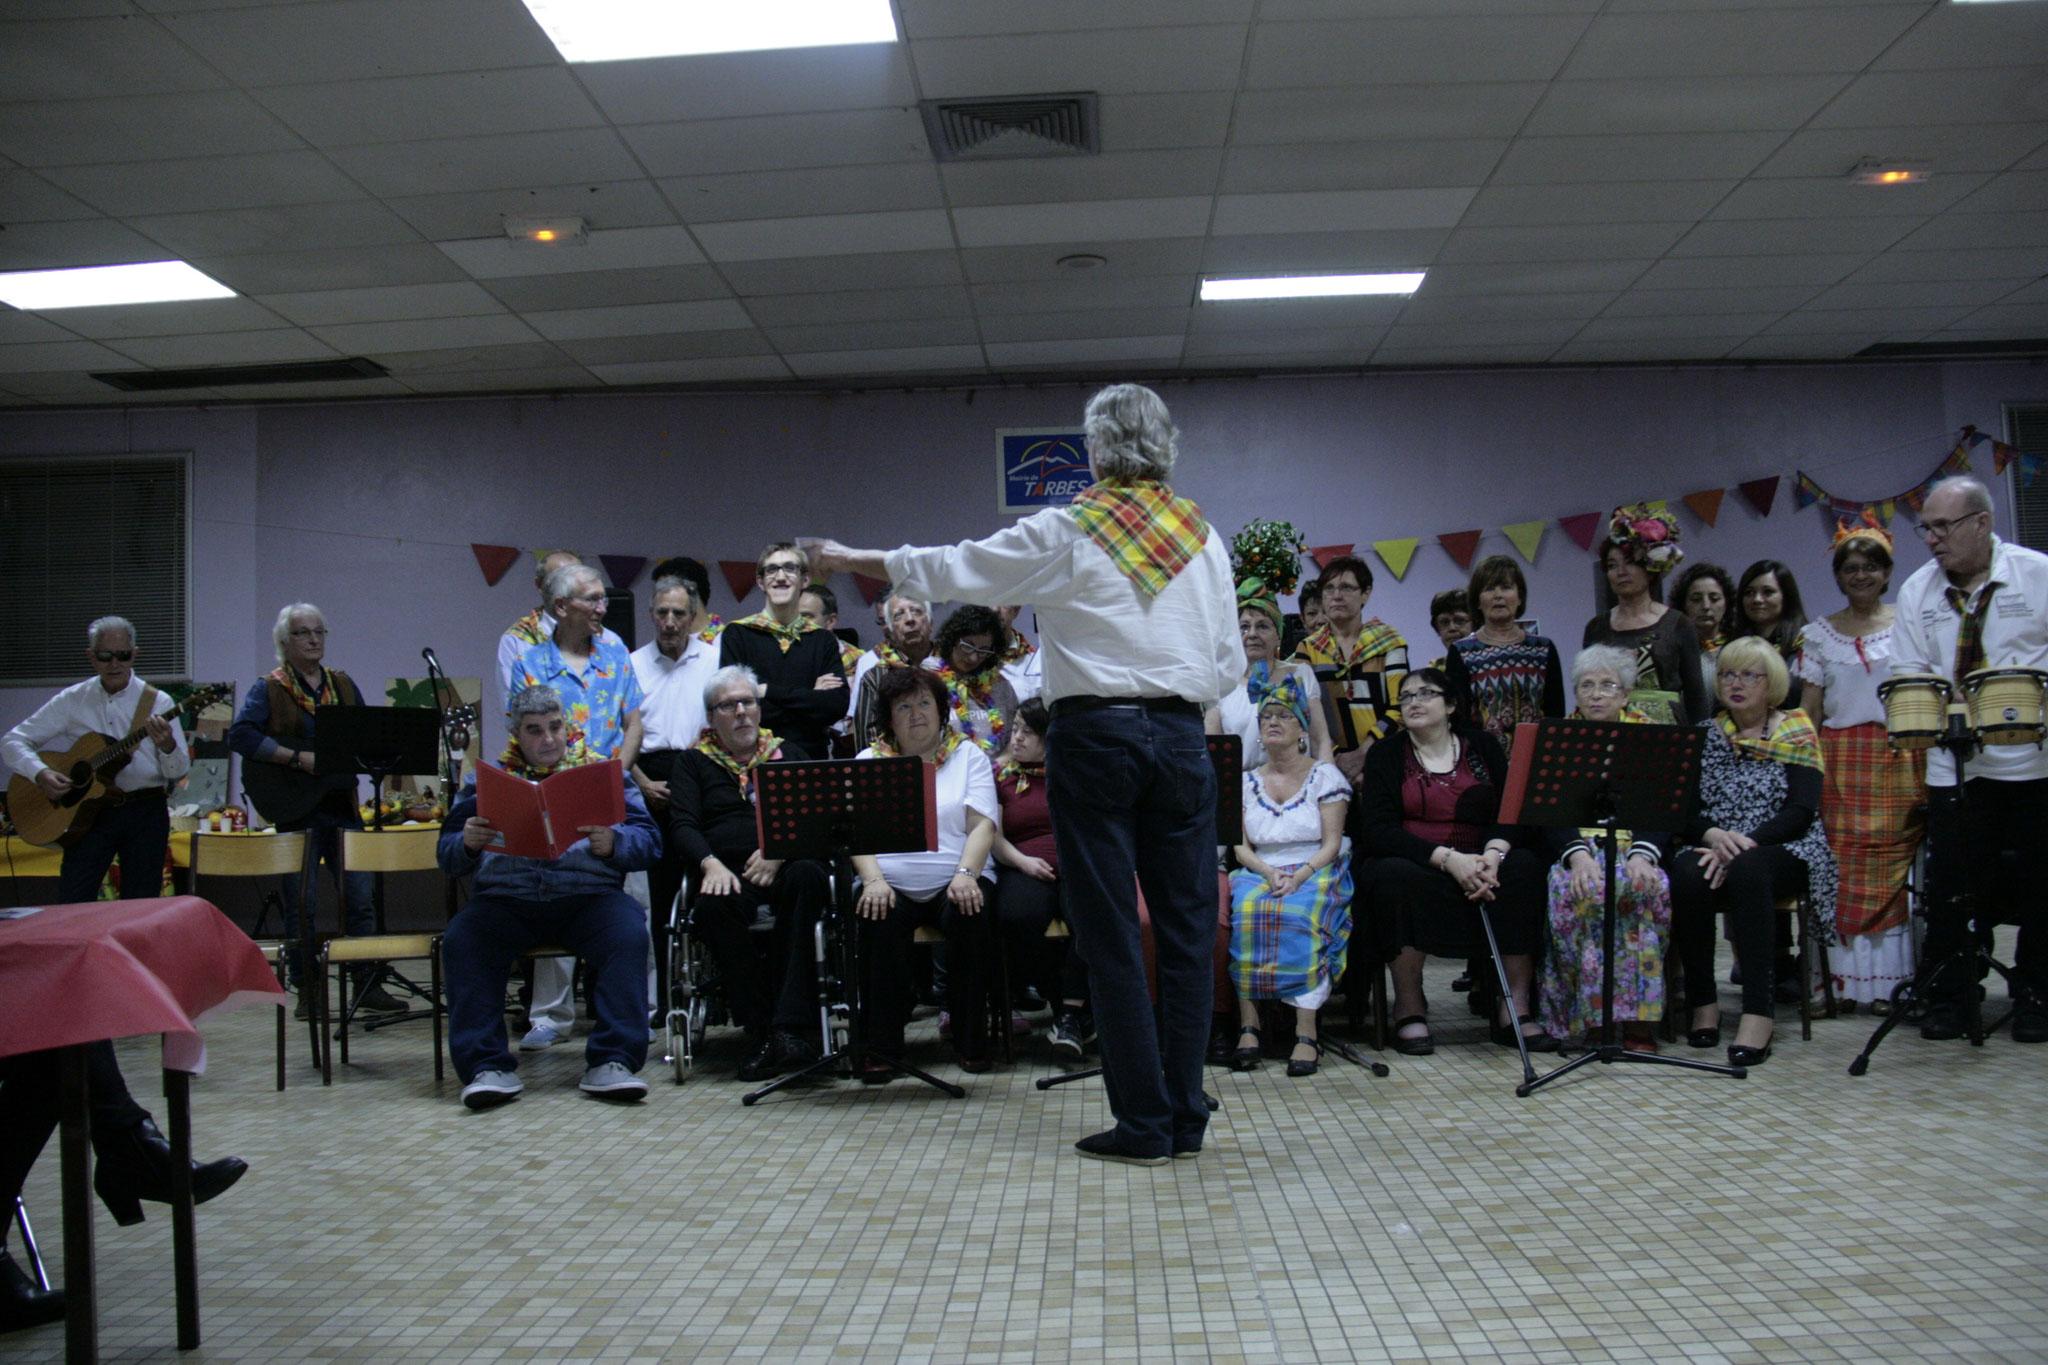 Nous chantons pour nos invités,Soirée que nous avons organisé,